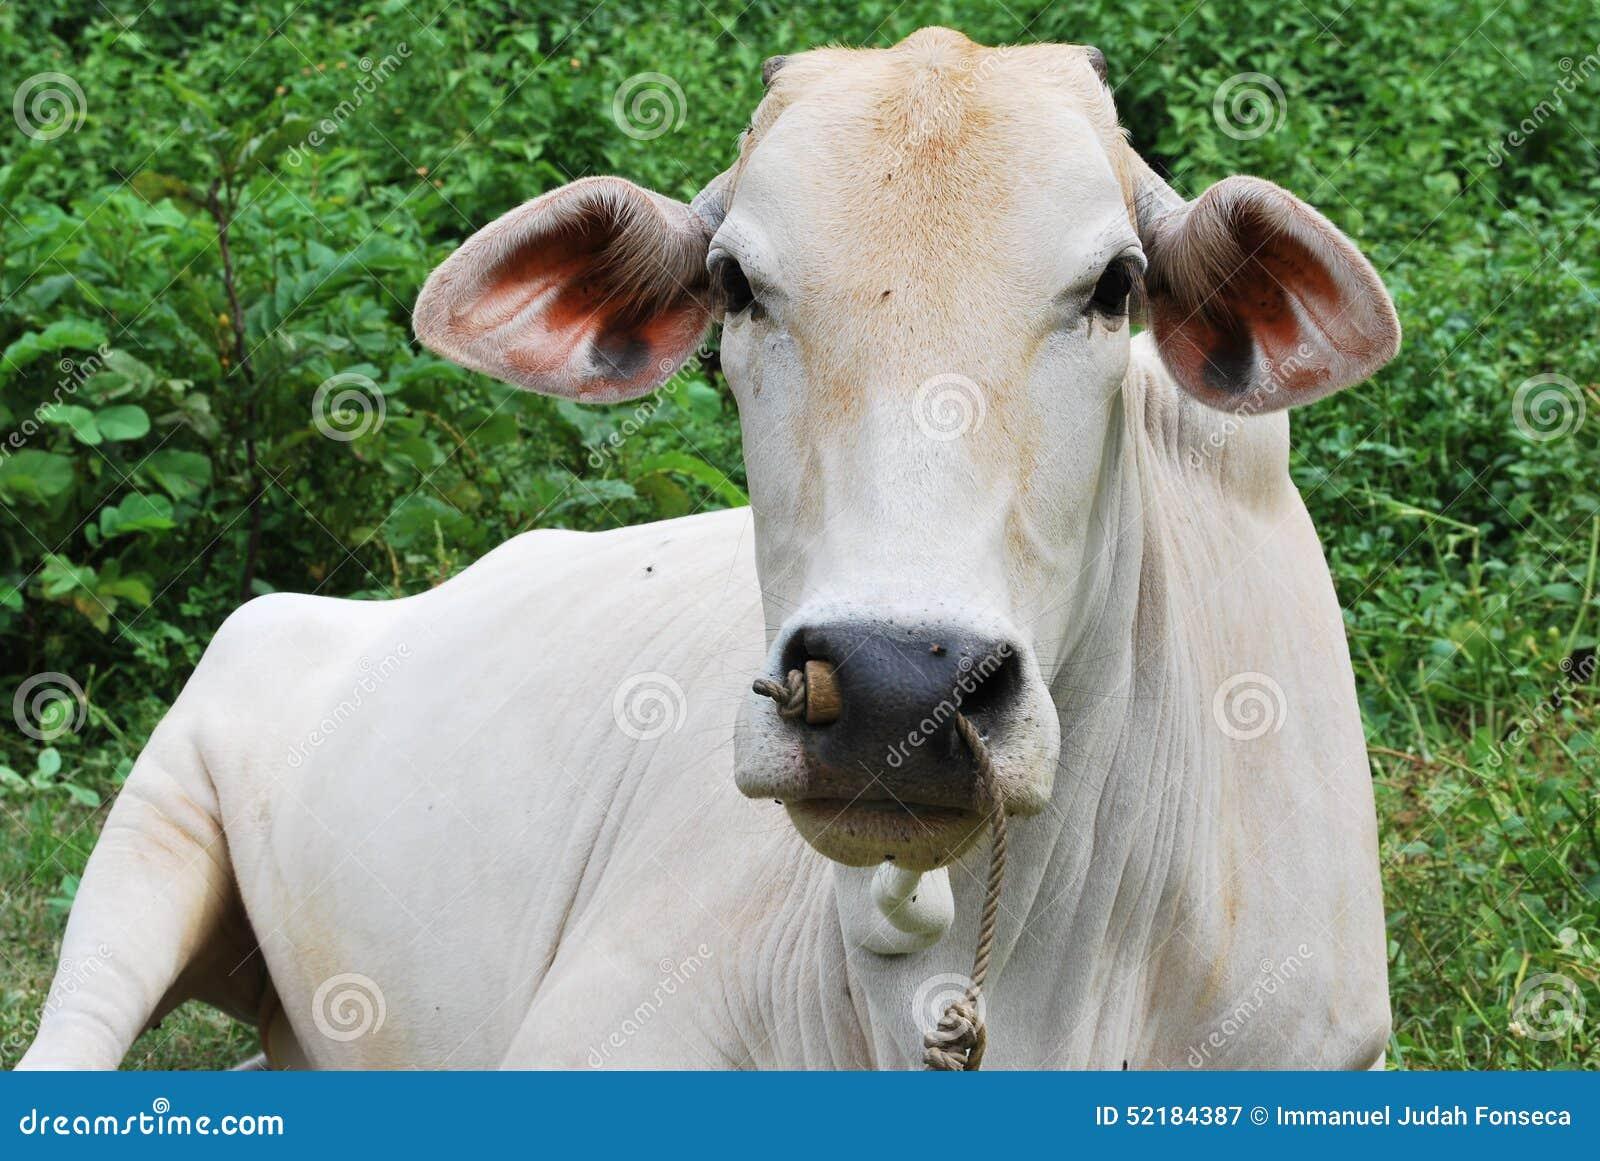 Kon är liggande